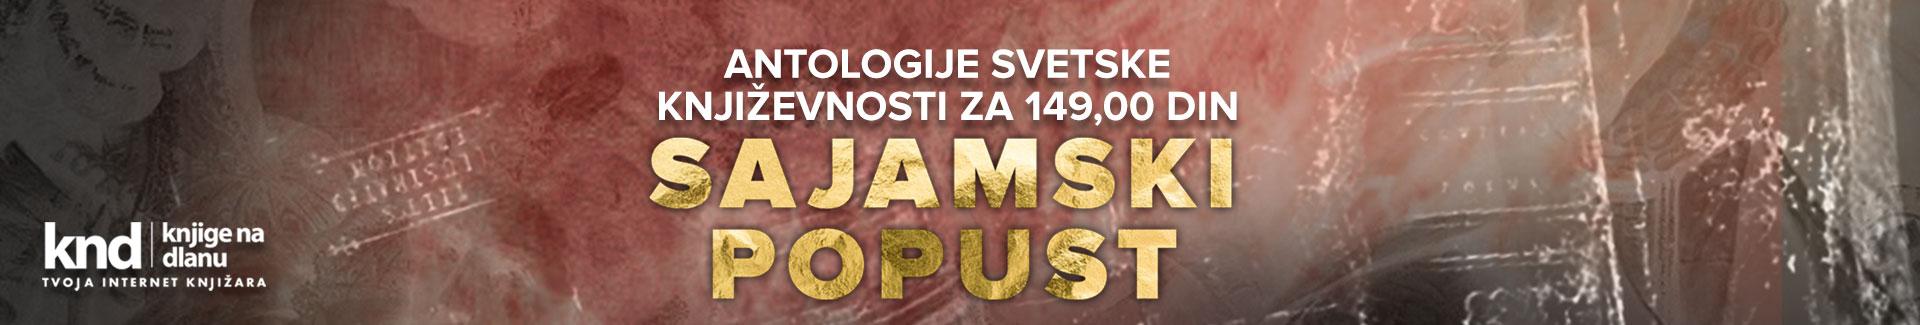 SAJAMSKI POPUST – Antologije svetske književnosti za 149 din